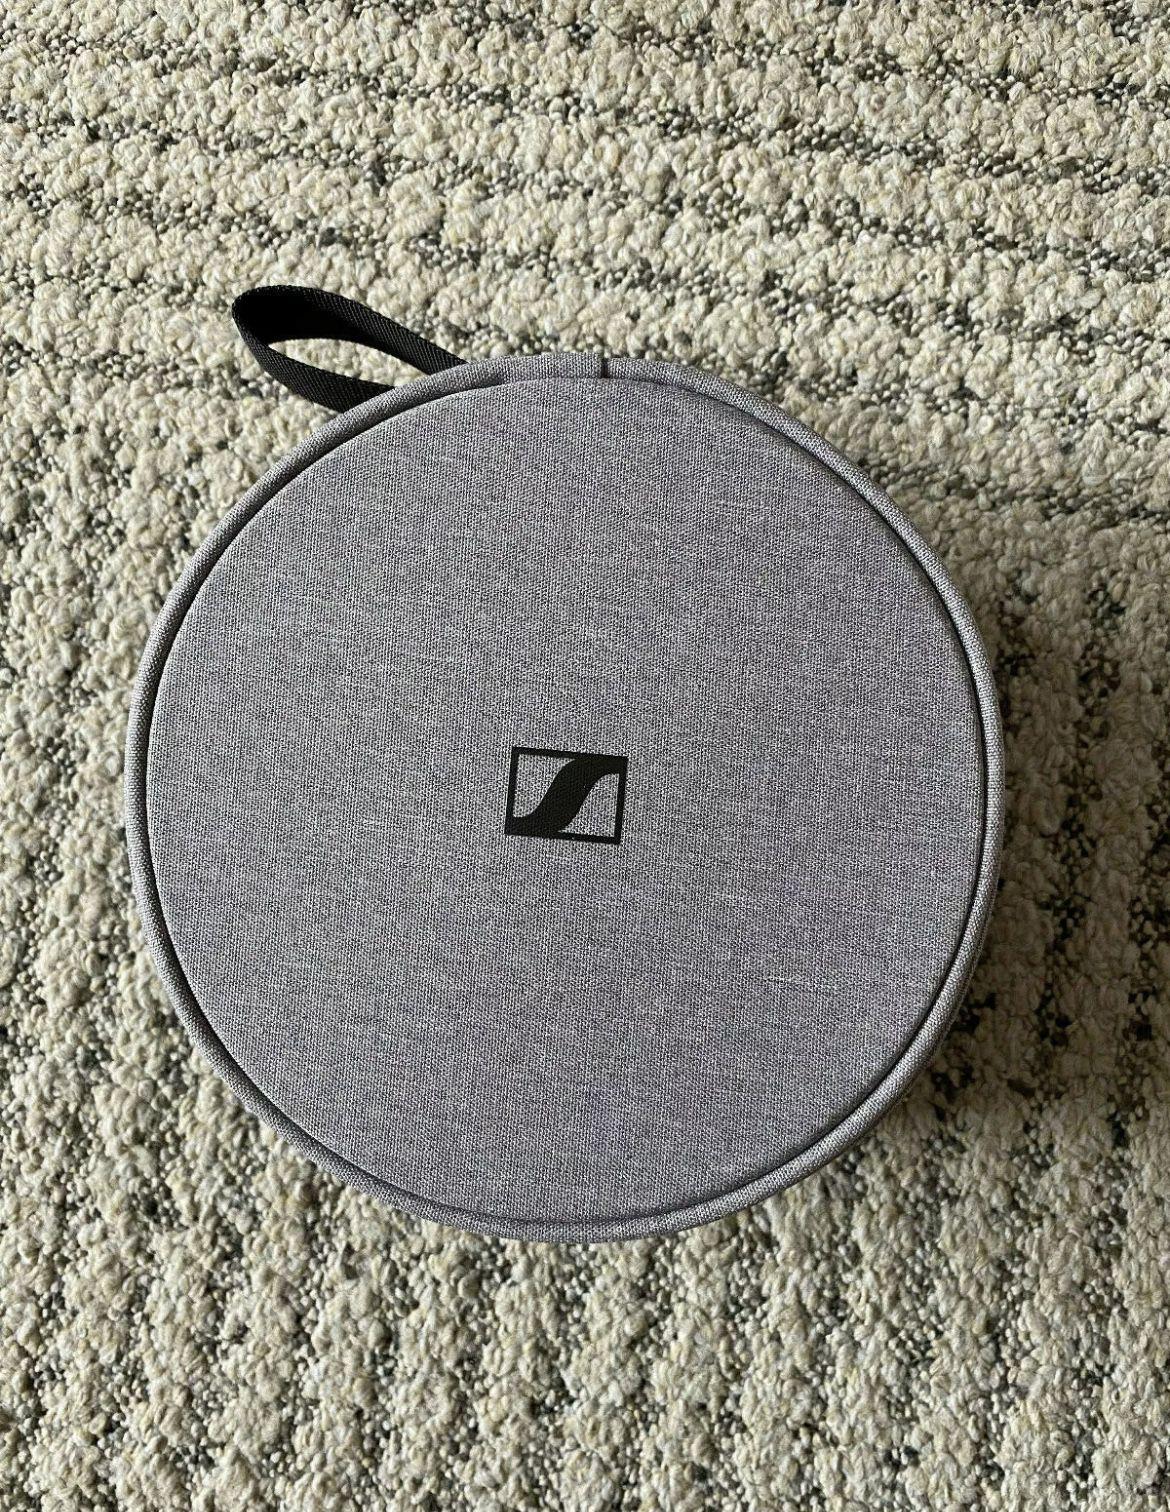 New Sennheiser Over Ear Noise Cancelling Wireless Headphones MOMENTUM 3 - Black